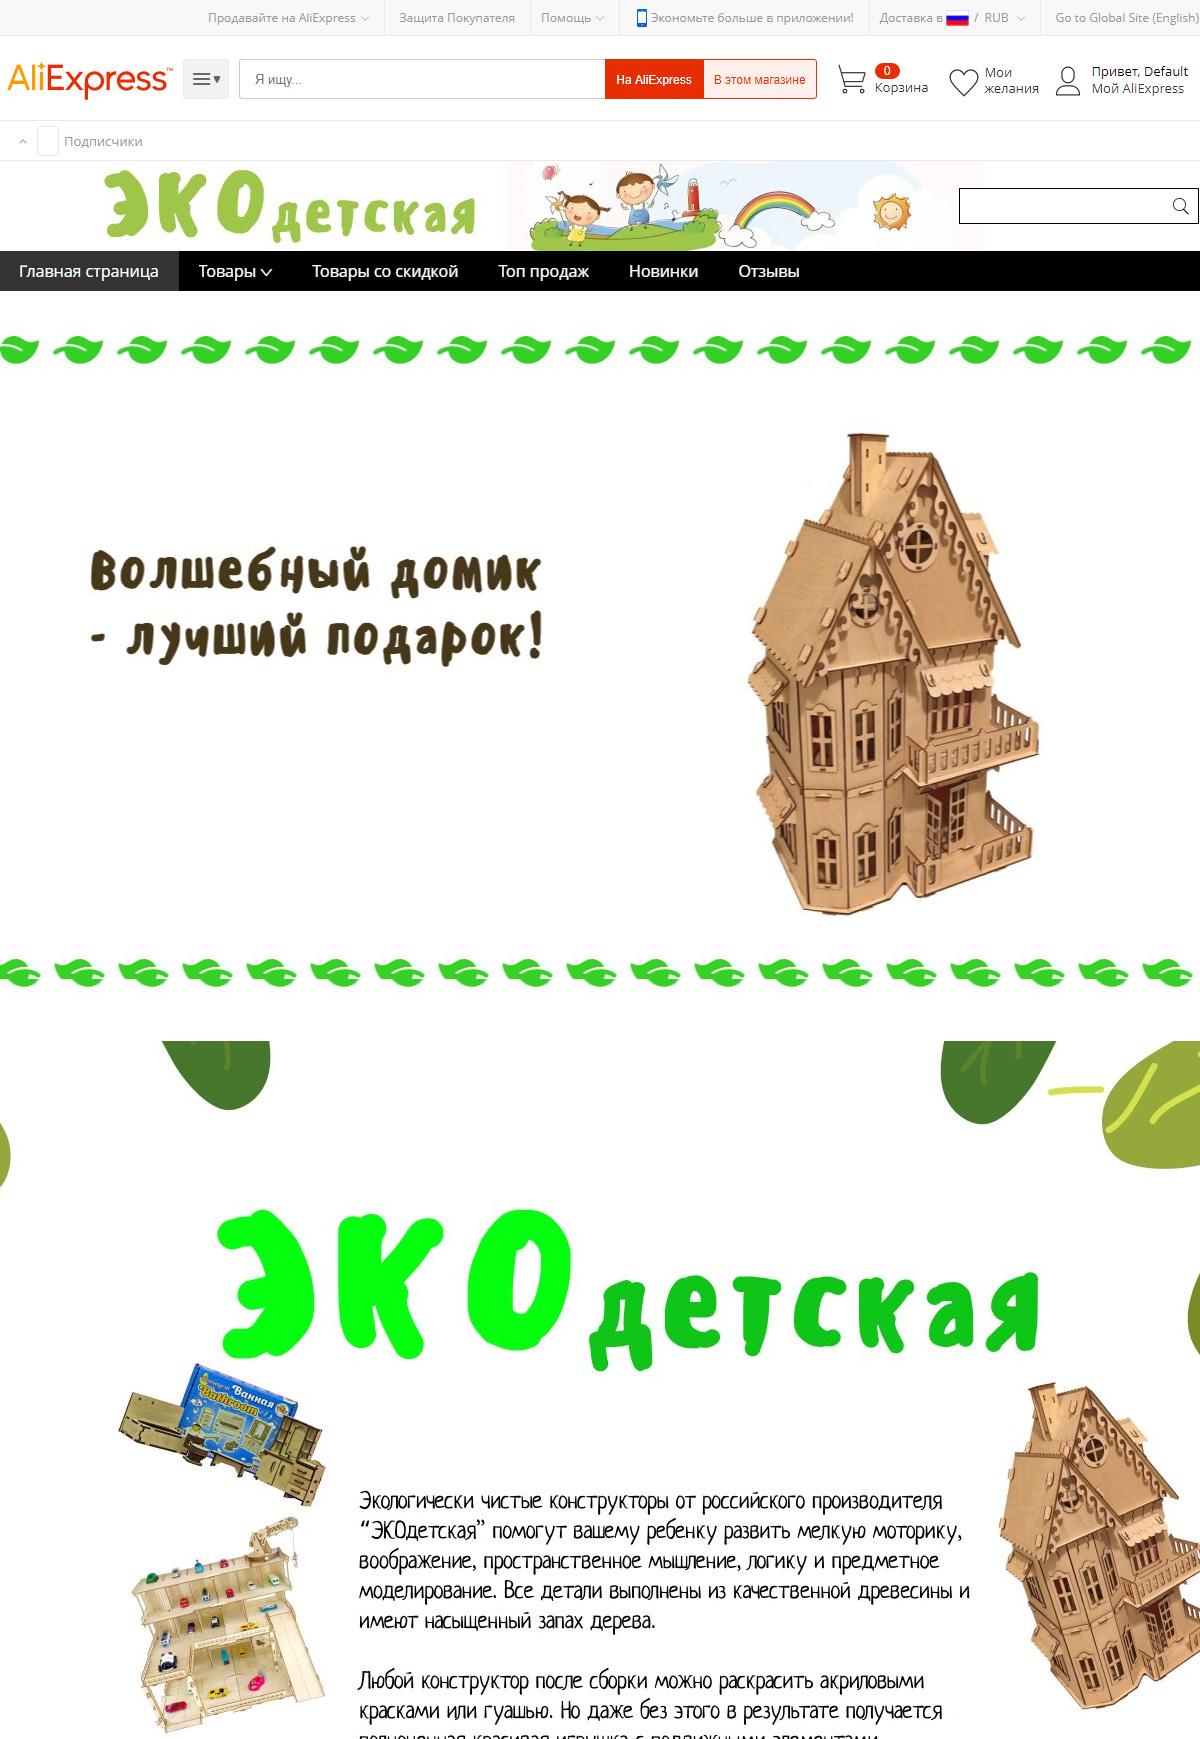 ИП Полищук (Экодетская) на Алибаба